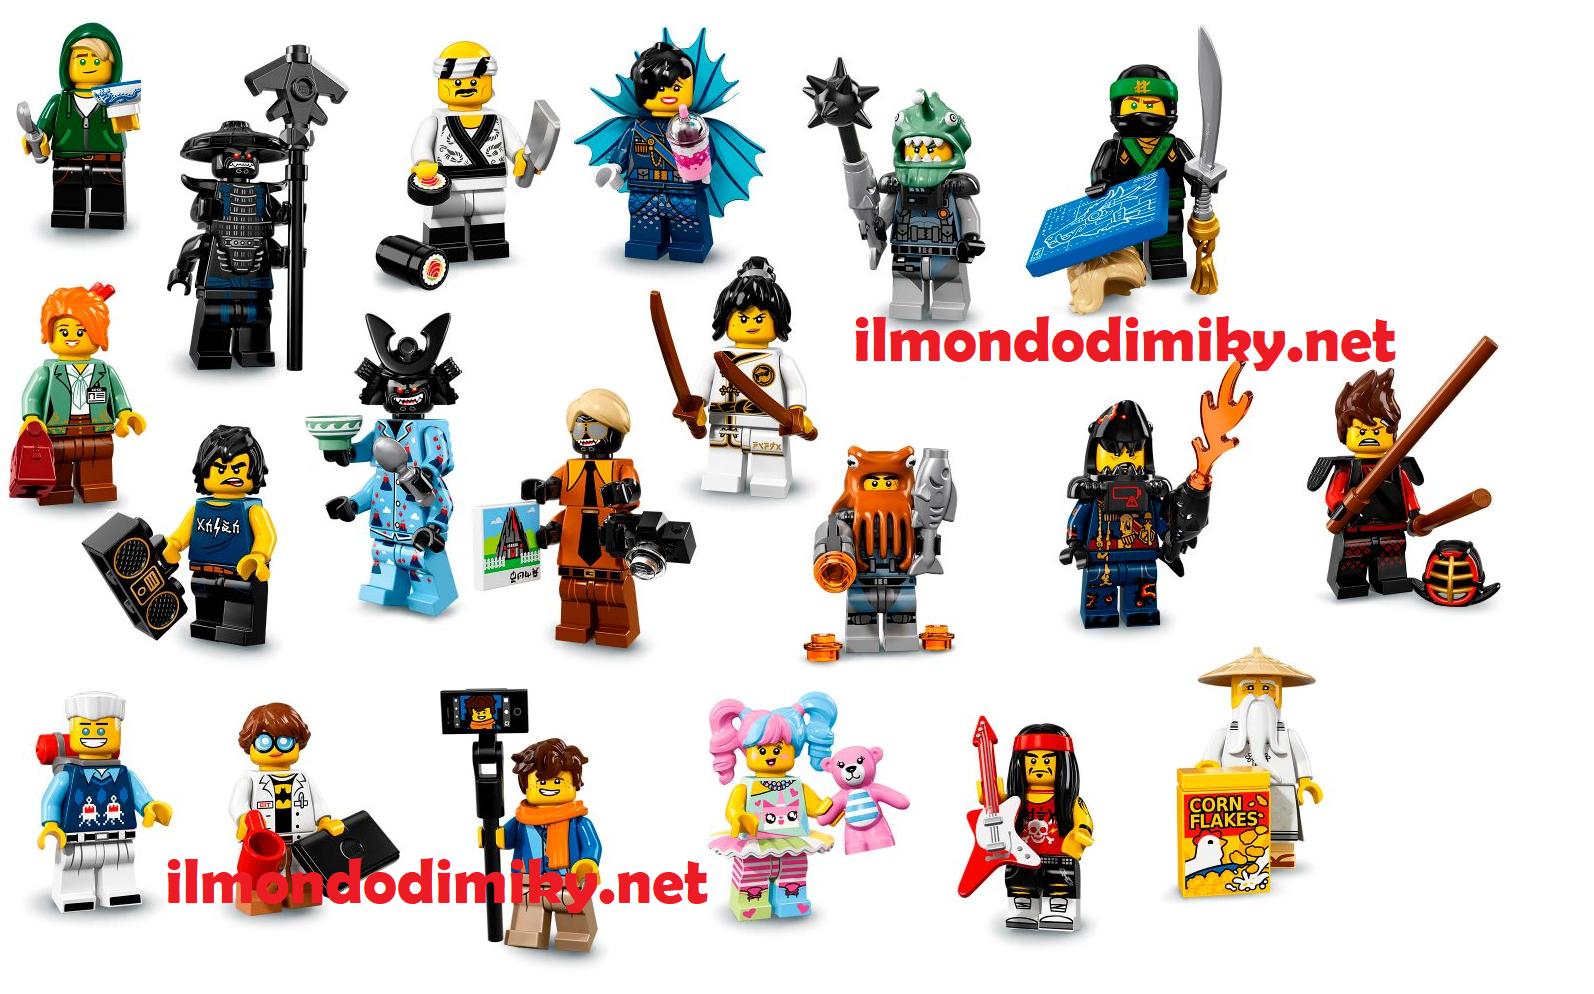 Lego Minifigures Serie NINJAGO MOVIE 71019 Scegli il tuo personaggio dal menù